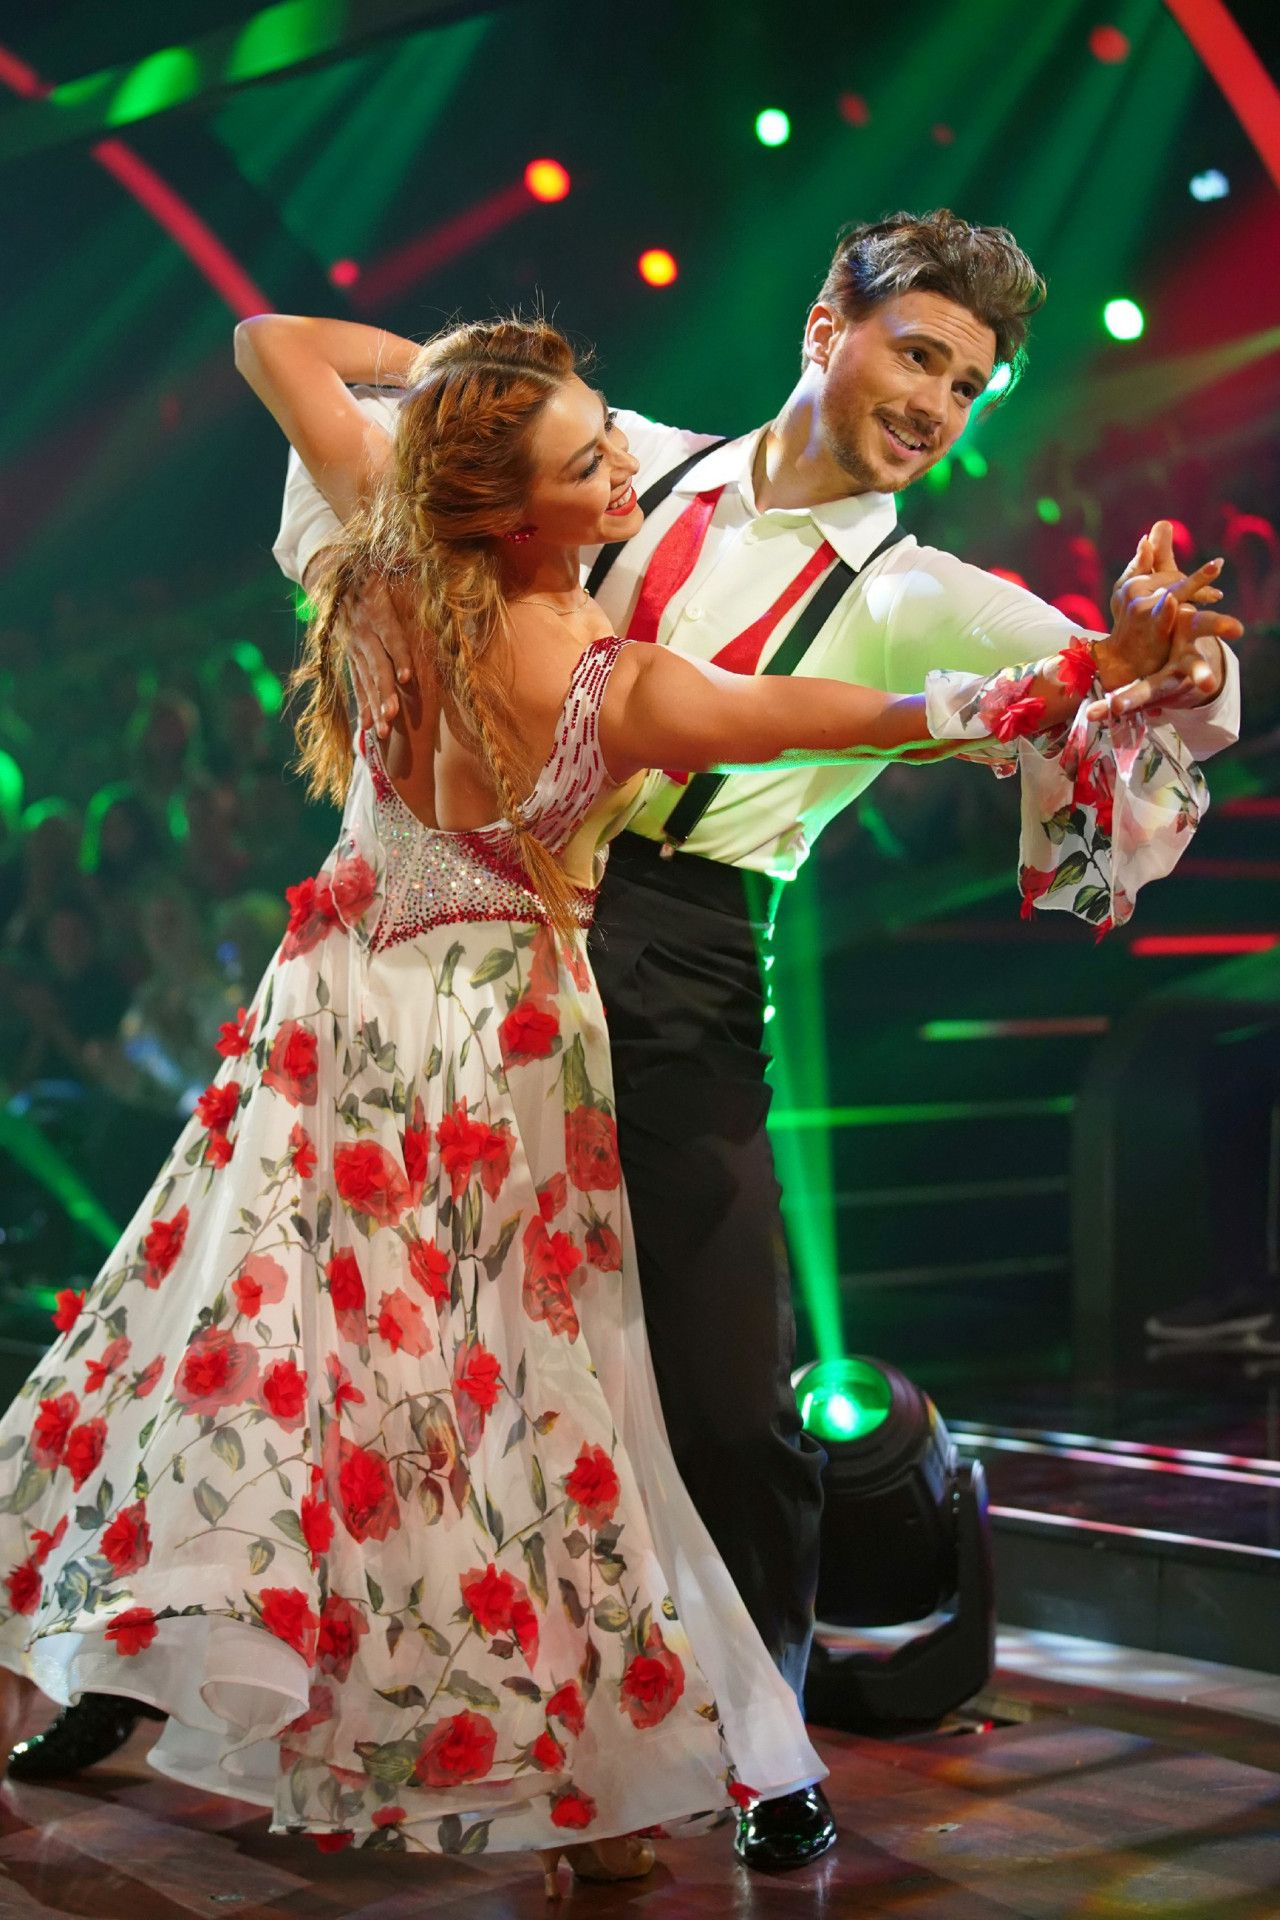 """Rückblickend sei es entsprechend """"total verrückt"""", dass er in einem zweiten Anlauf doch noch seinen Quickstep mit Oana Nechiti getanzt habe. <p>Alle Infos zu """"Let's Dance"""" im Special bei <a href=""""http://www.rtl.de/cms/sendungen/lets-dance.html"""" target=""""_blank"""" rel=""""nofollow"""">RTL.de</a>.</p>"""